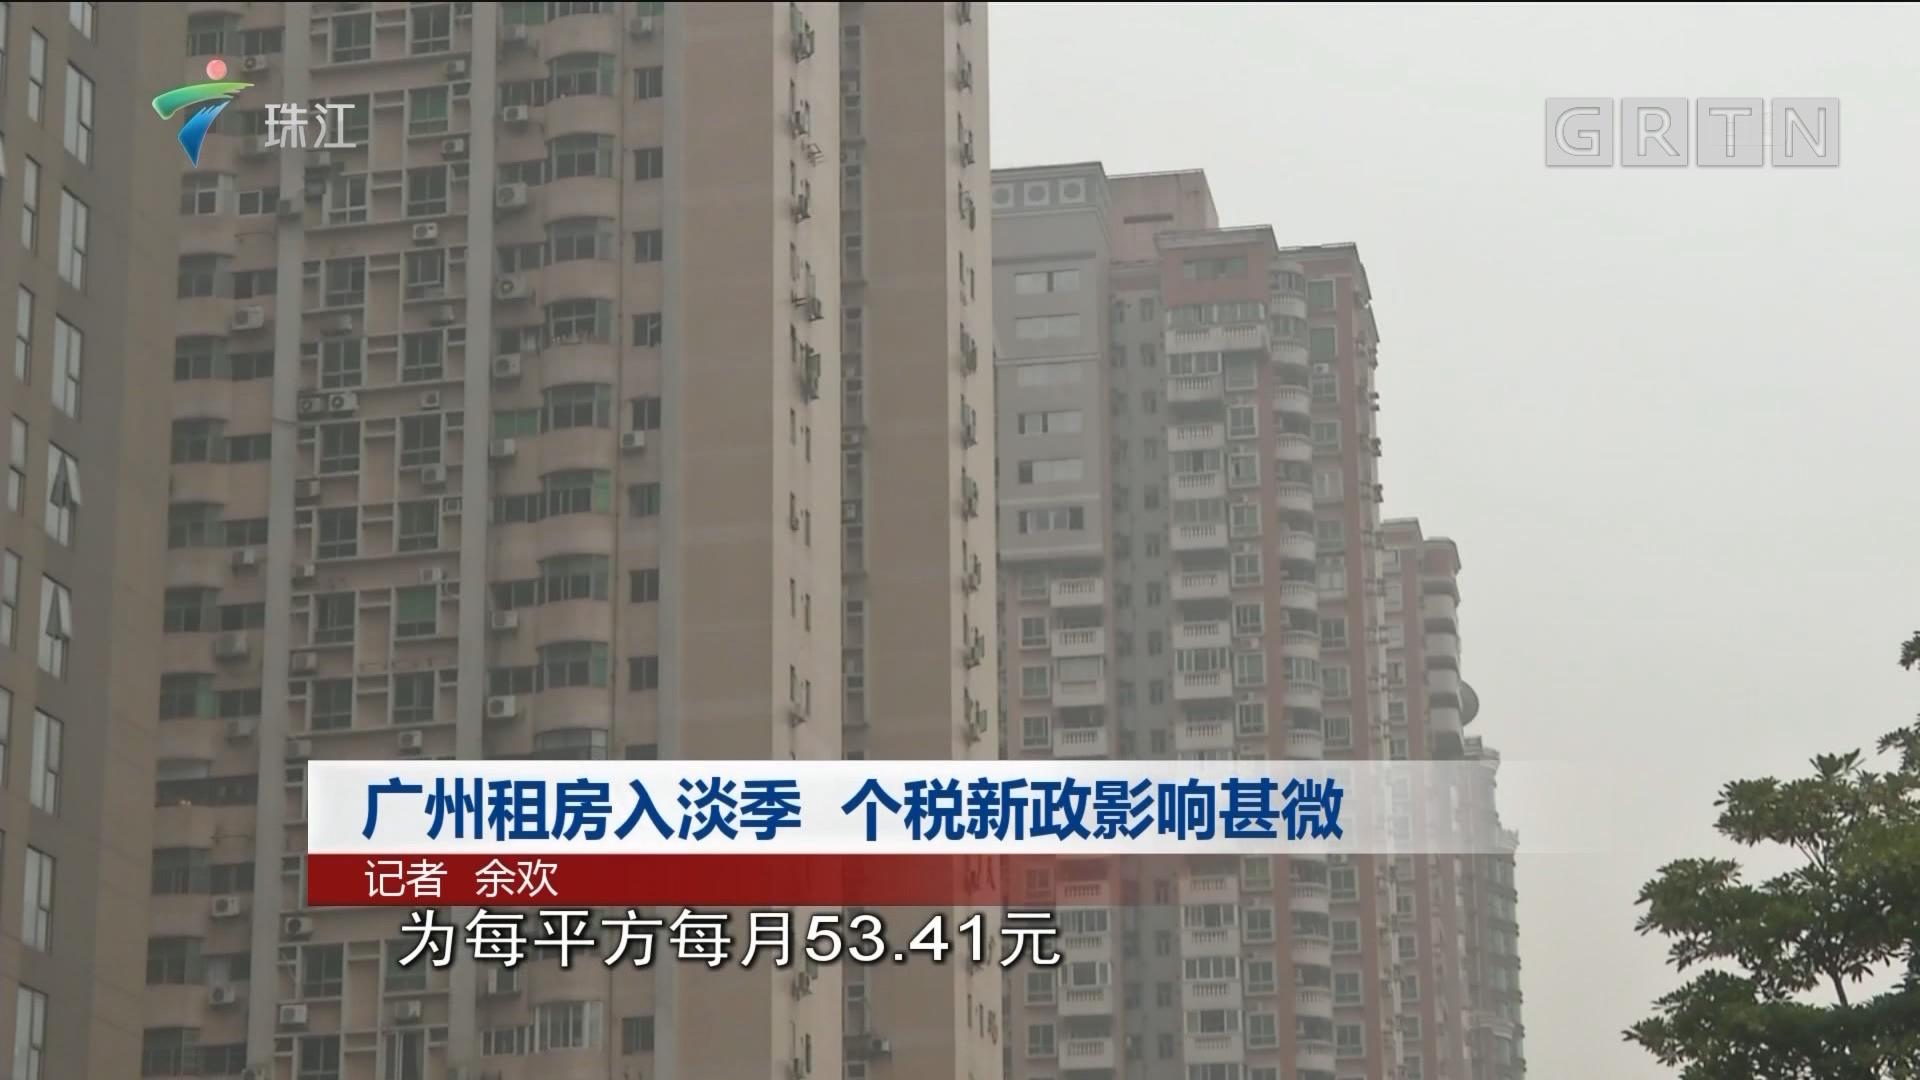 广州租房入淡季 个税新政影响甚微